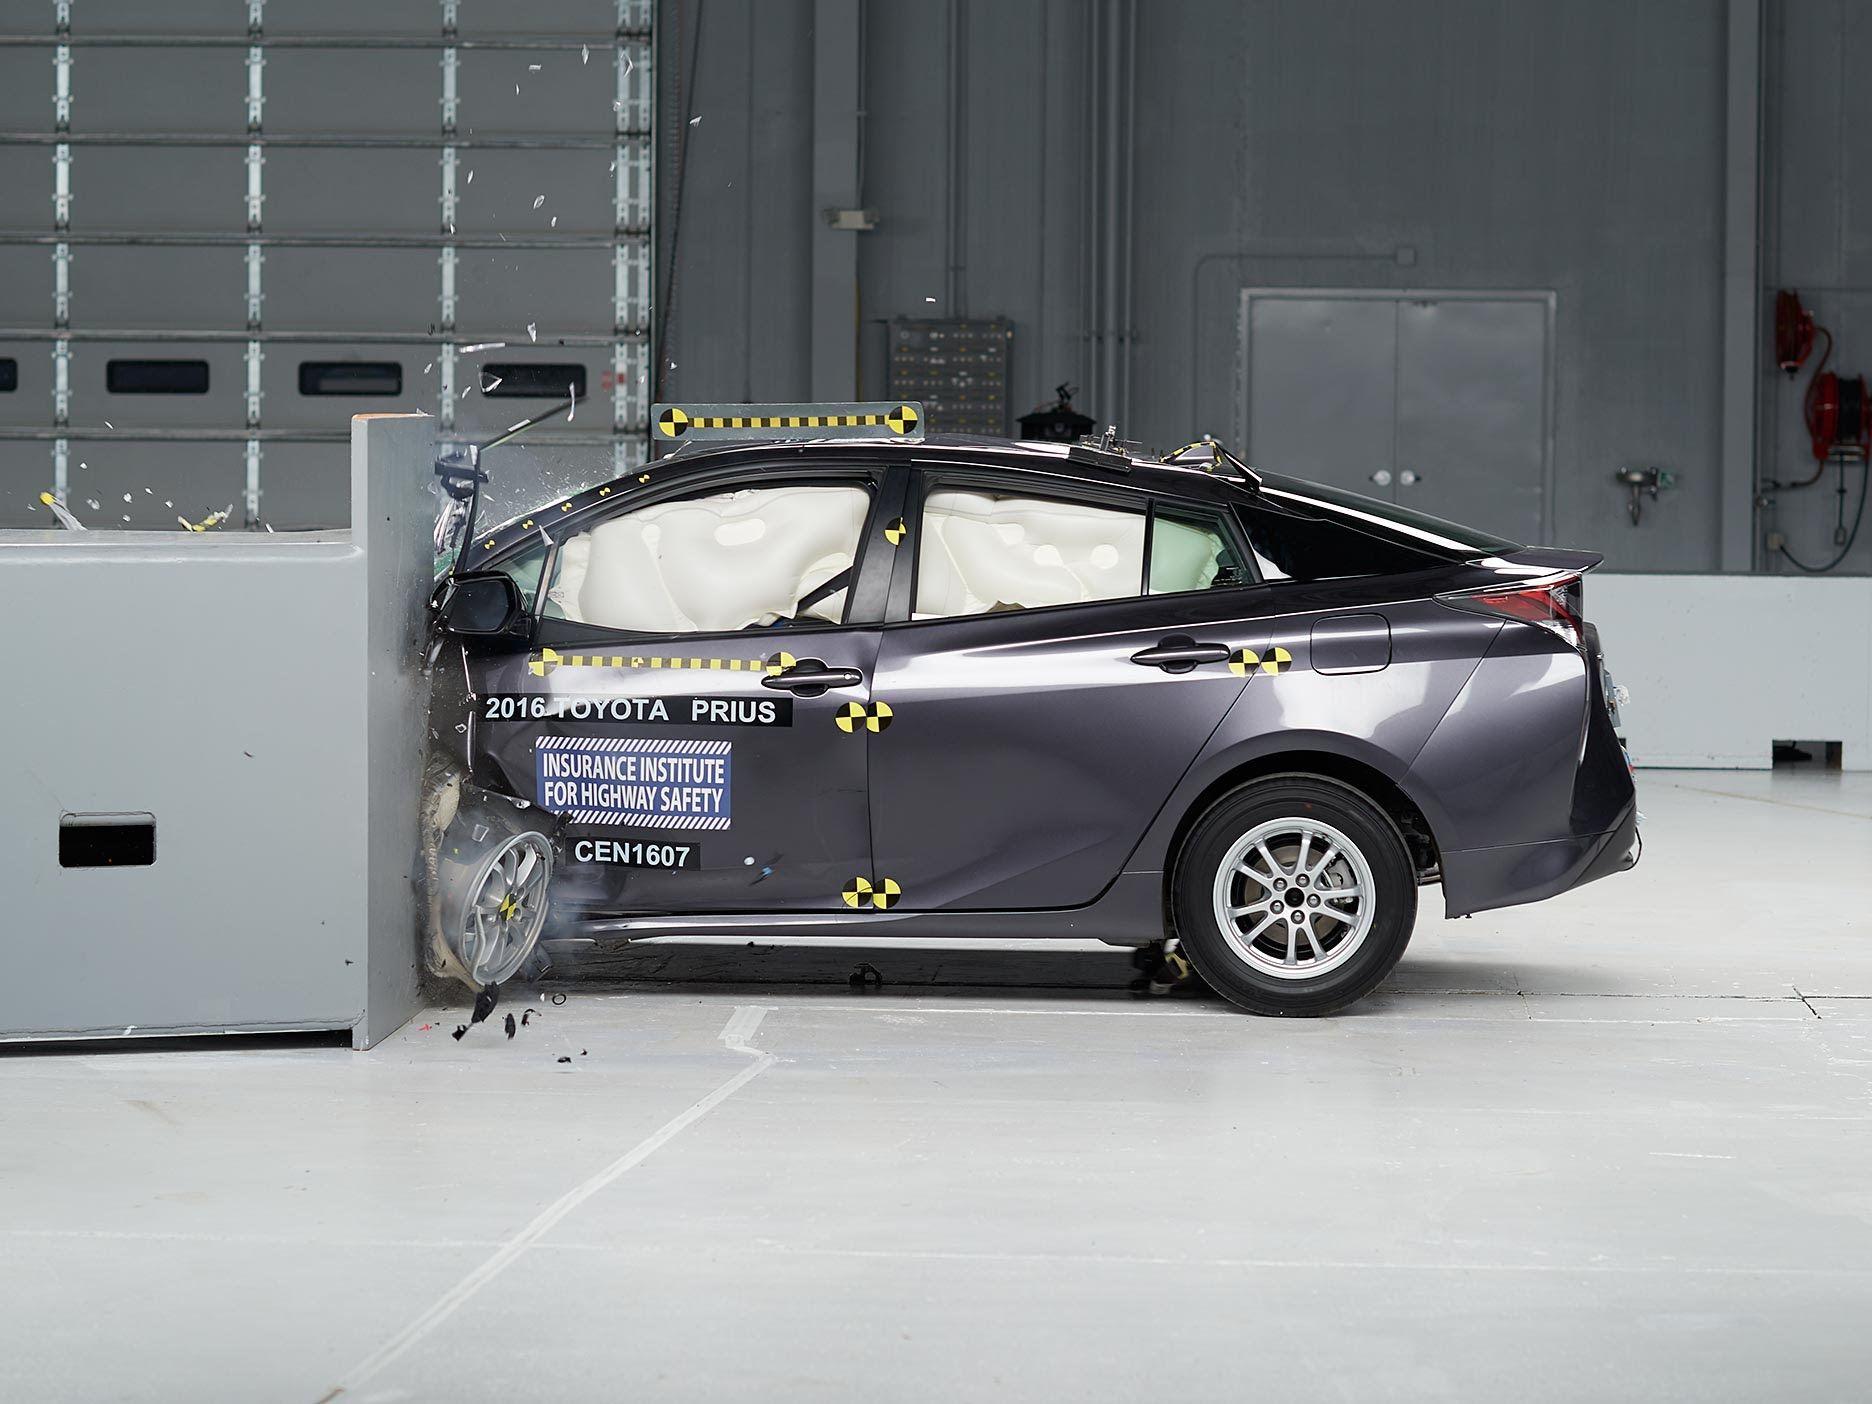 昨年12月に発売された4代目 プリウス では衝突安全性能を見直し